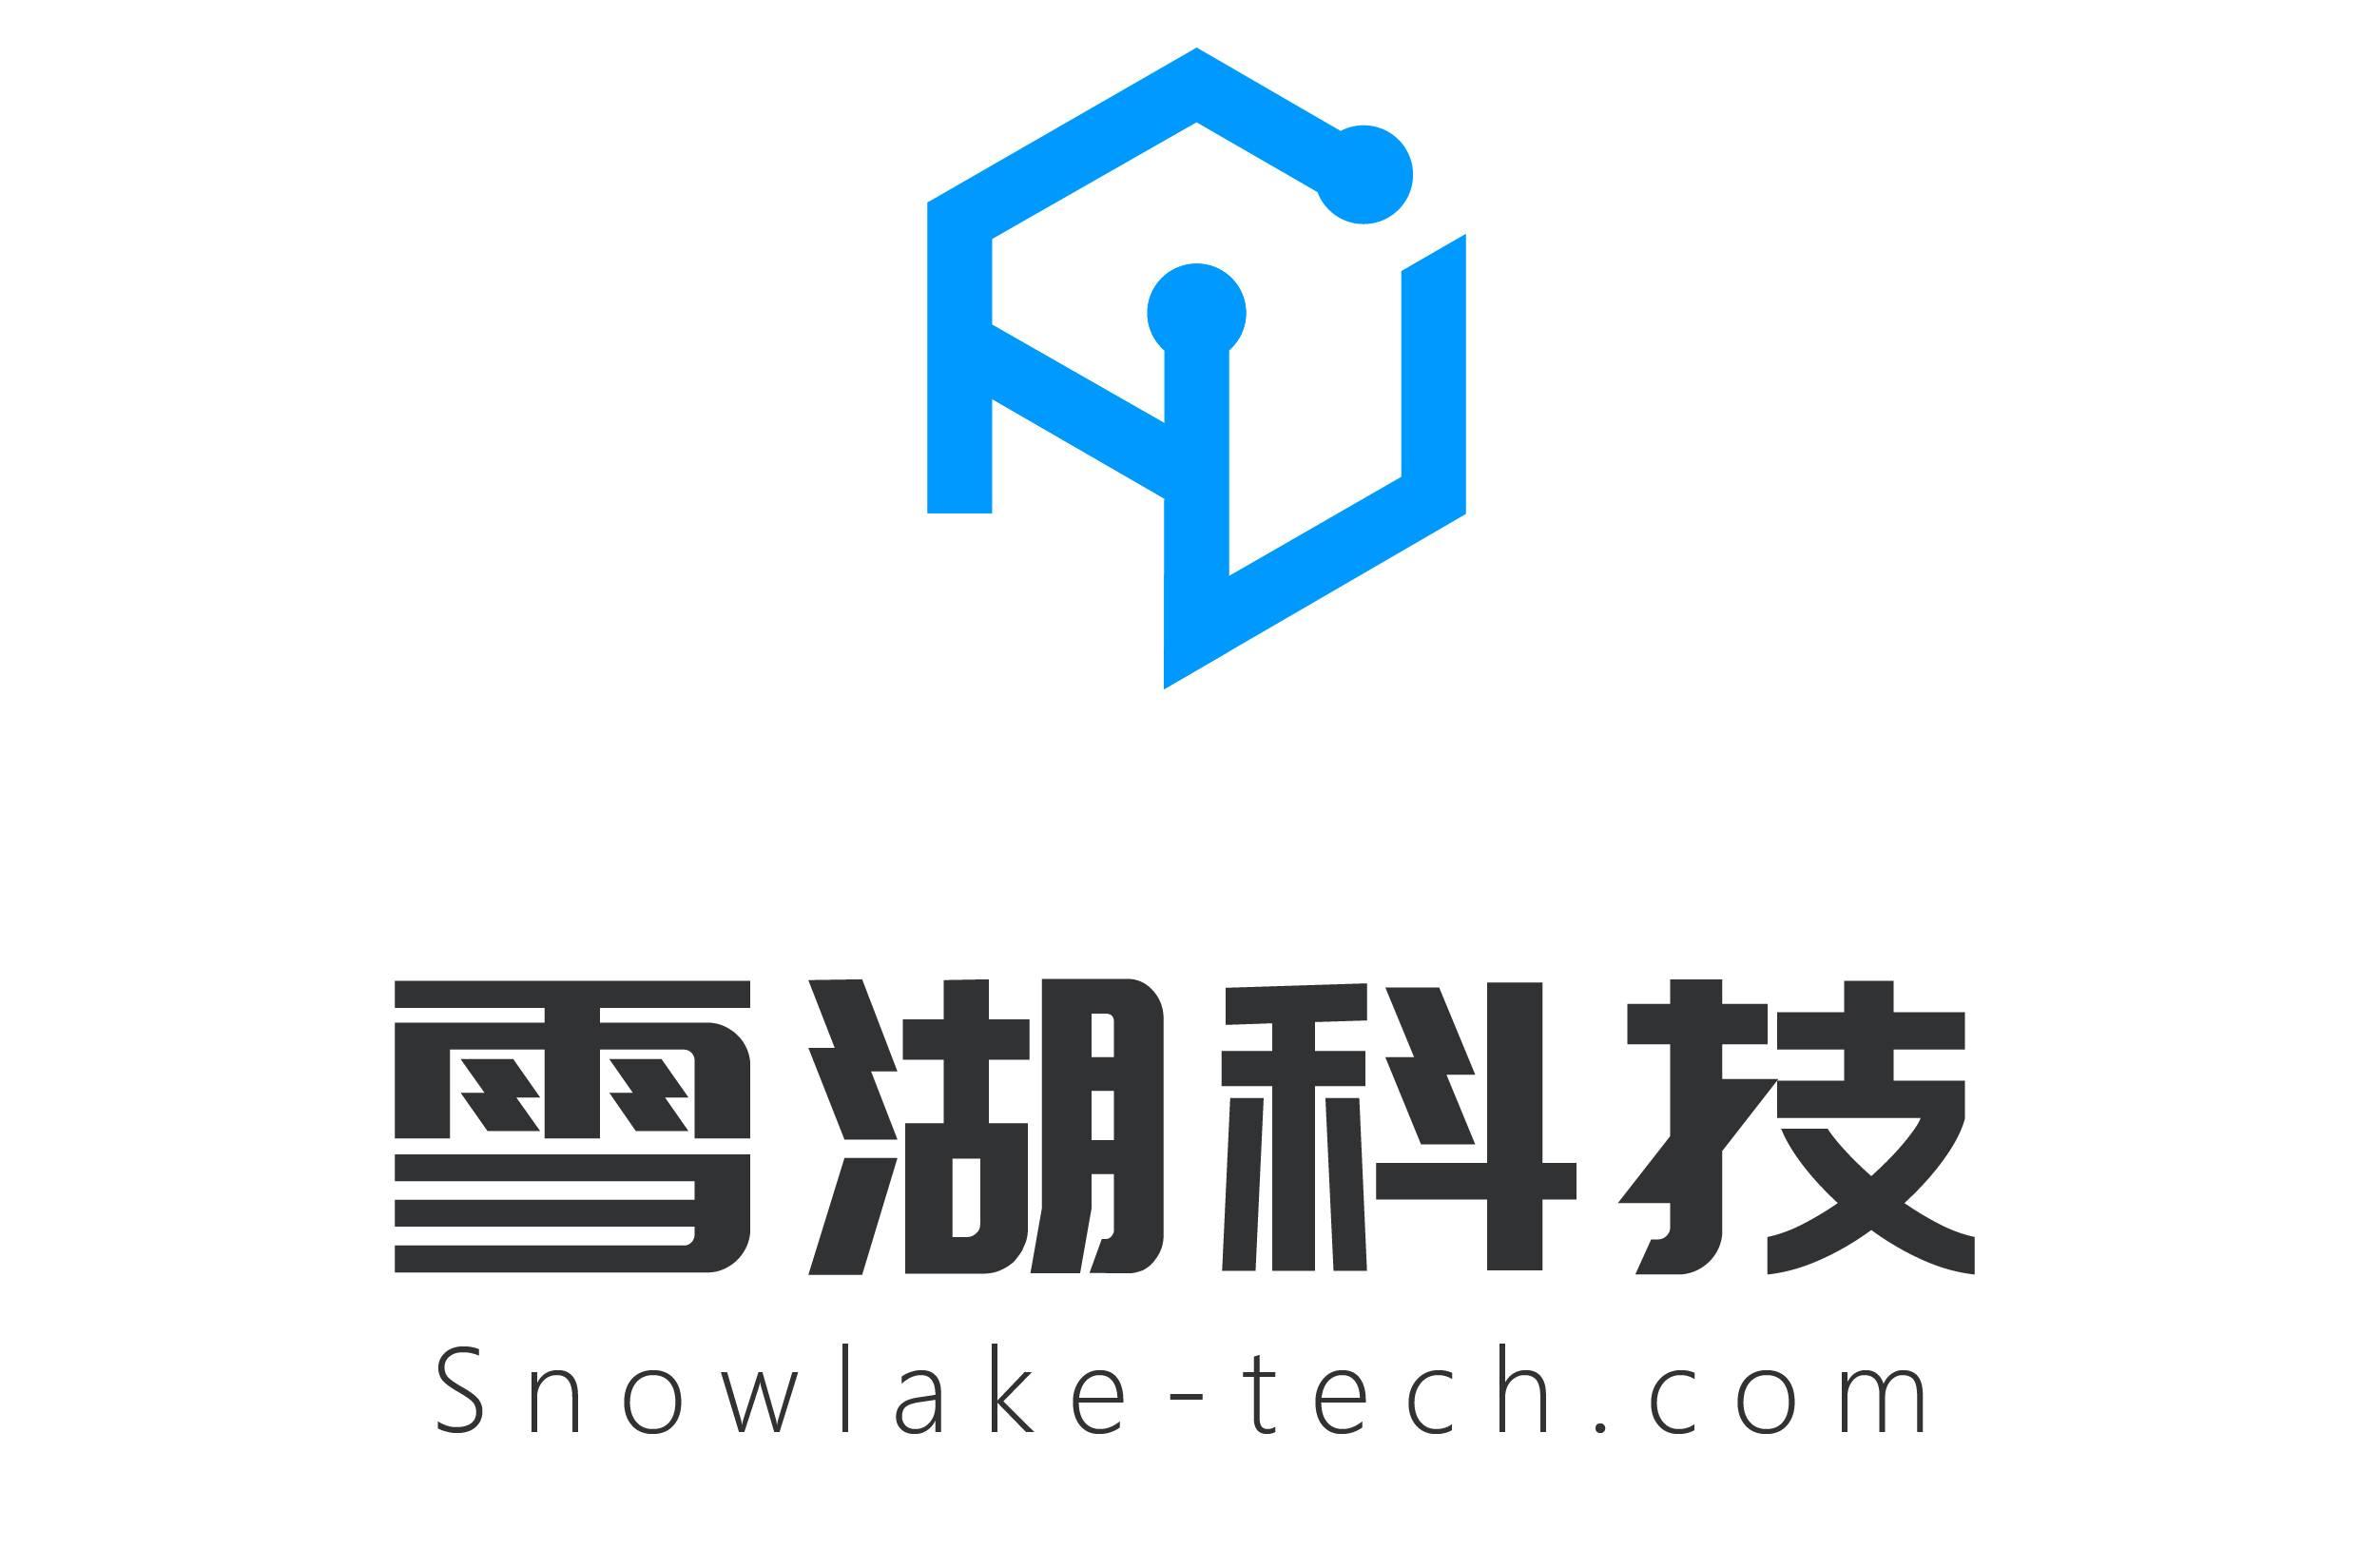 上海雪湖信息科技有限公司基于FPGA的低成本CNN硬件加速模块